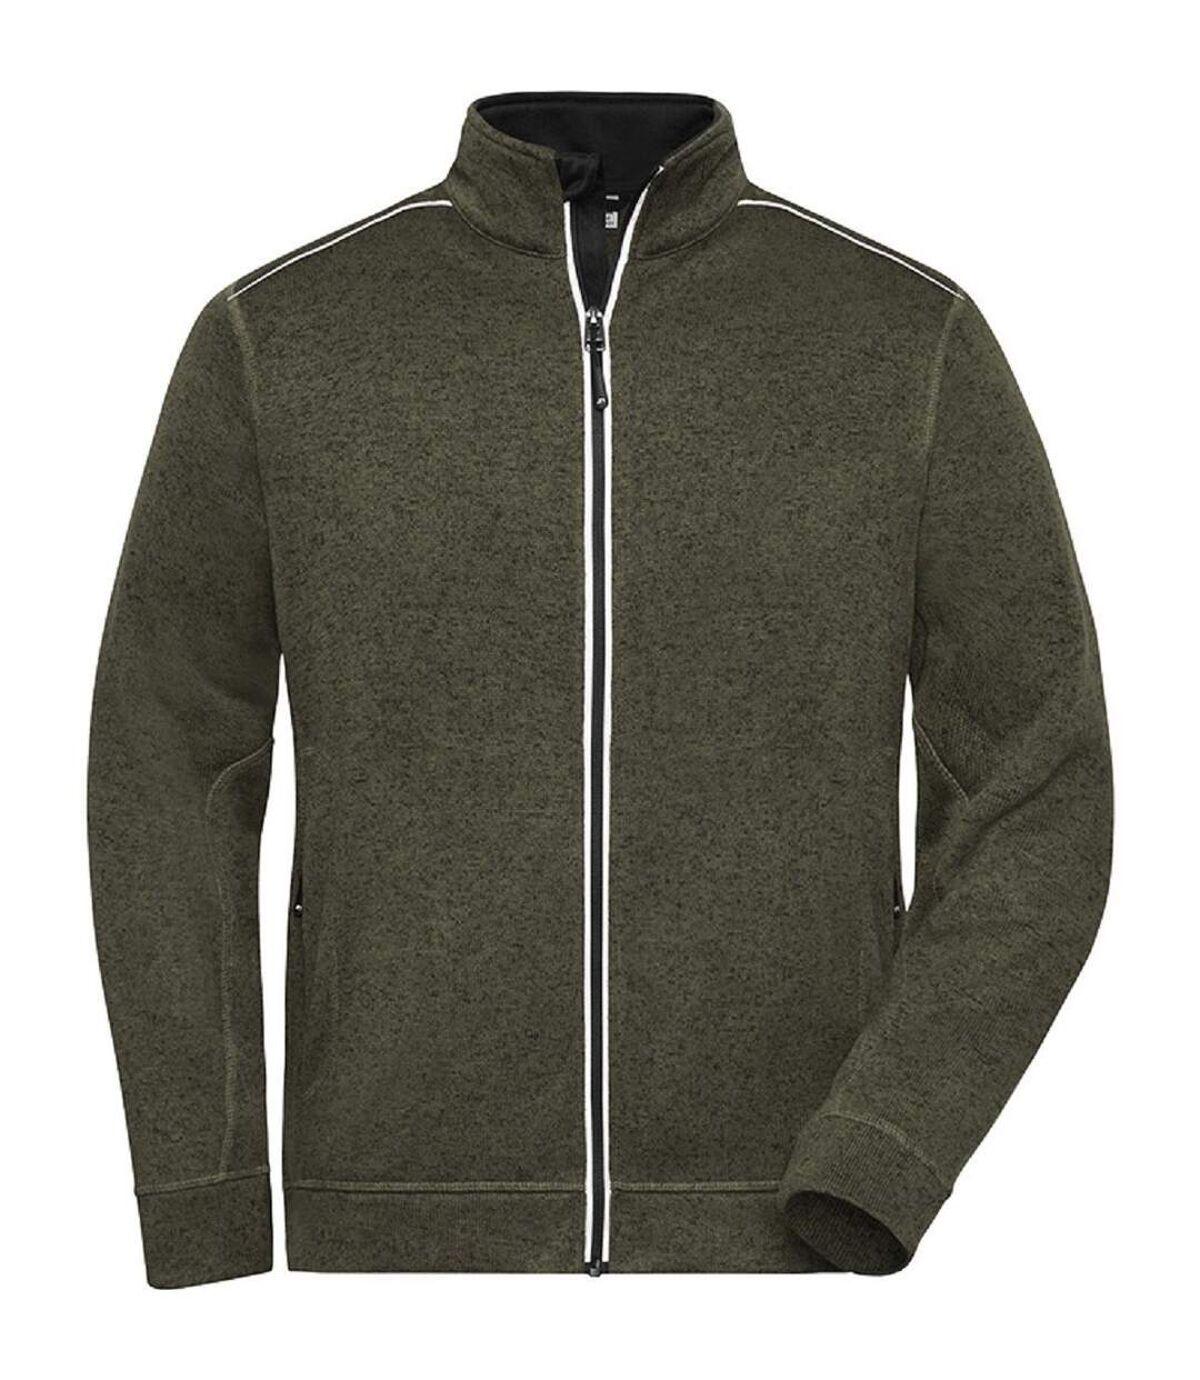 Veste zippée polaire workwear GRANDES TAILLES - homme - JN898C - vert olive